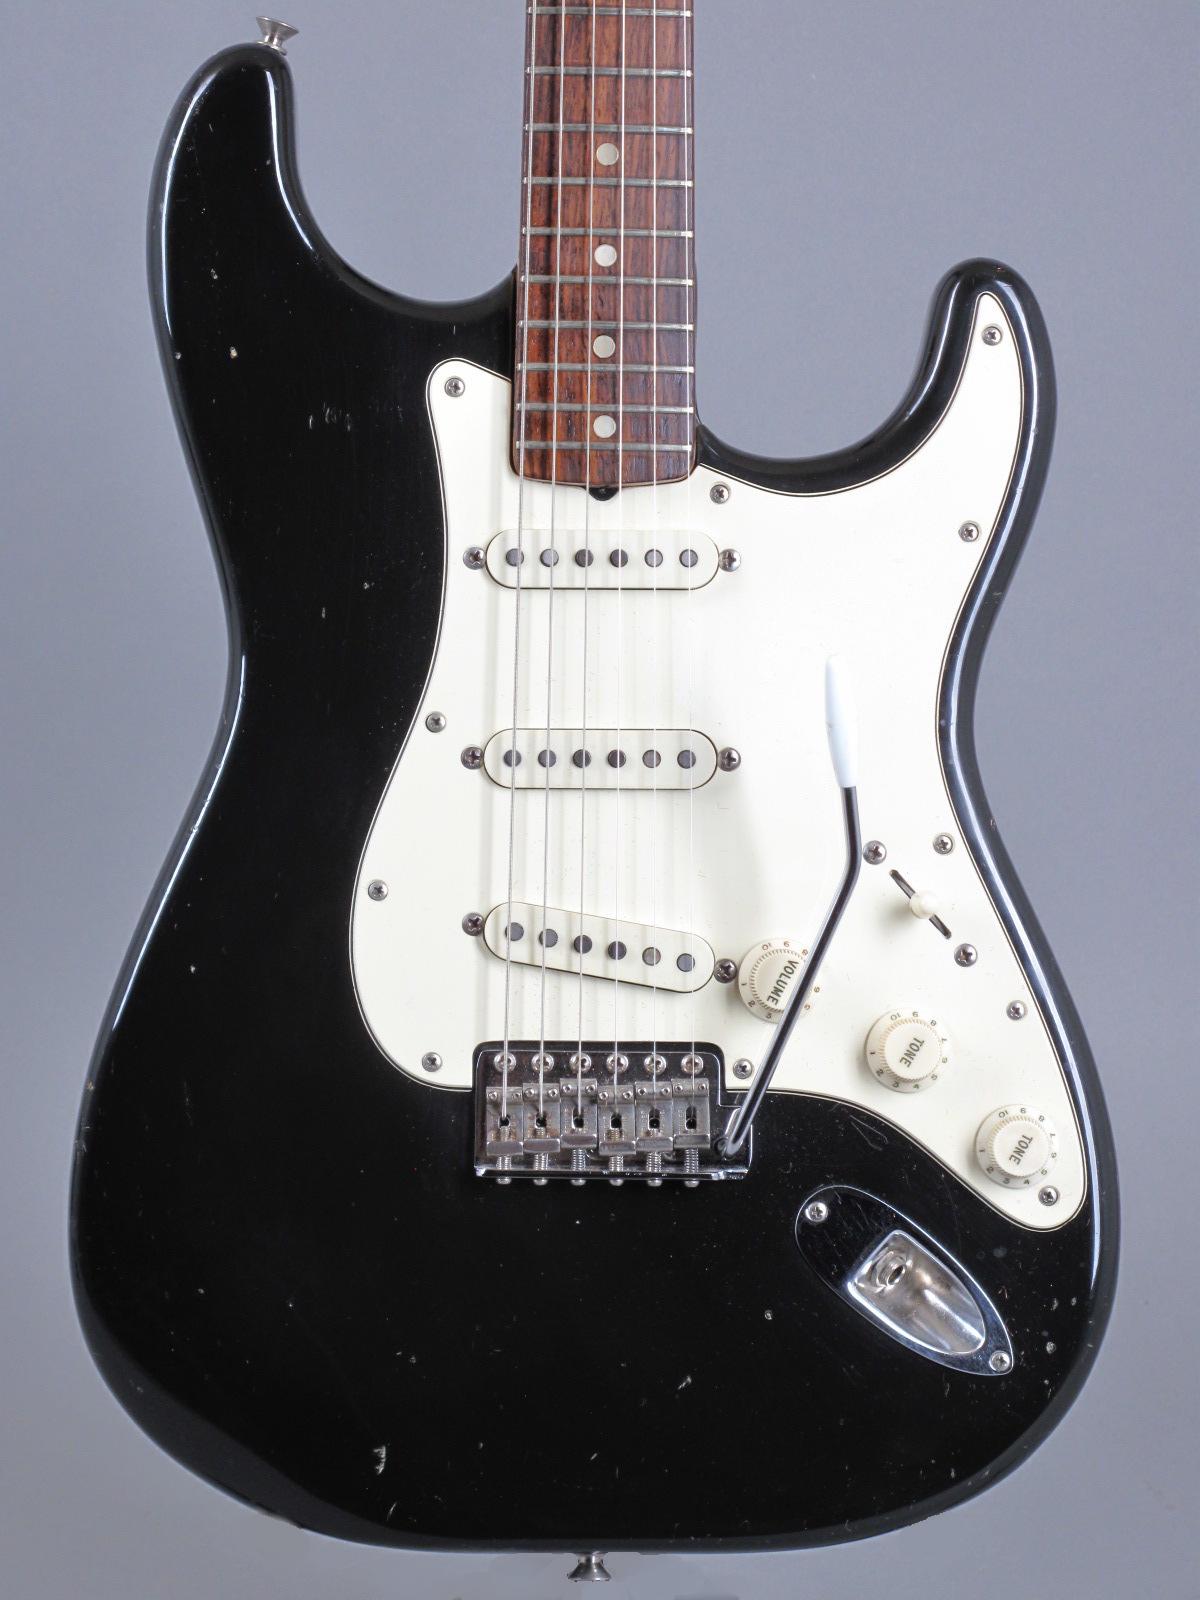 1970 Fender Stratocaster - Black   4-bolt !